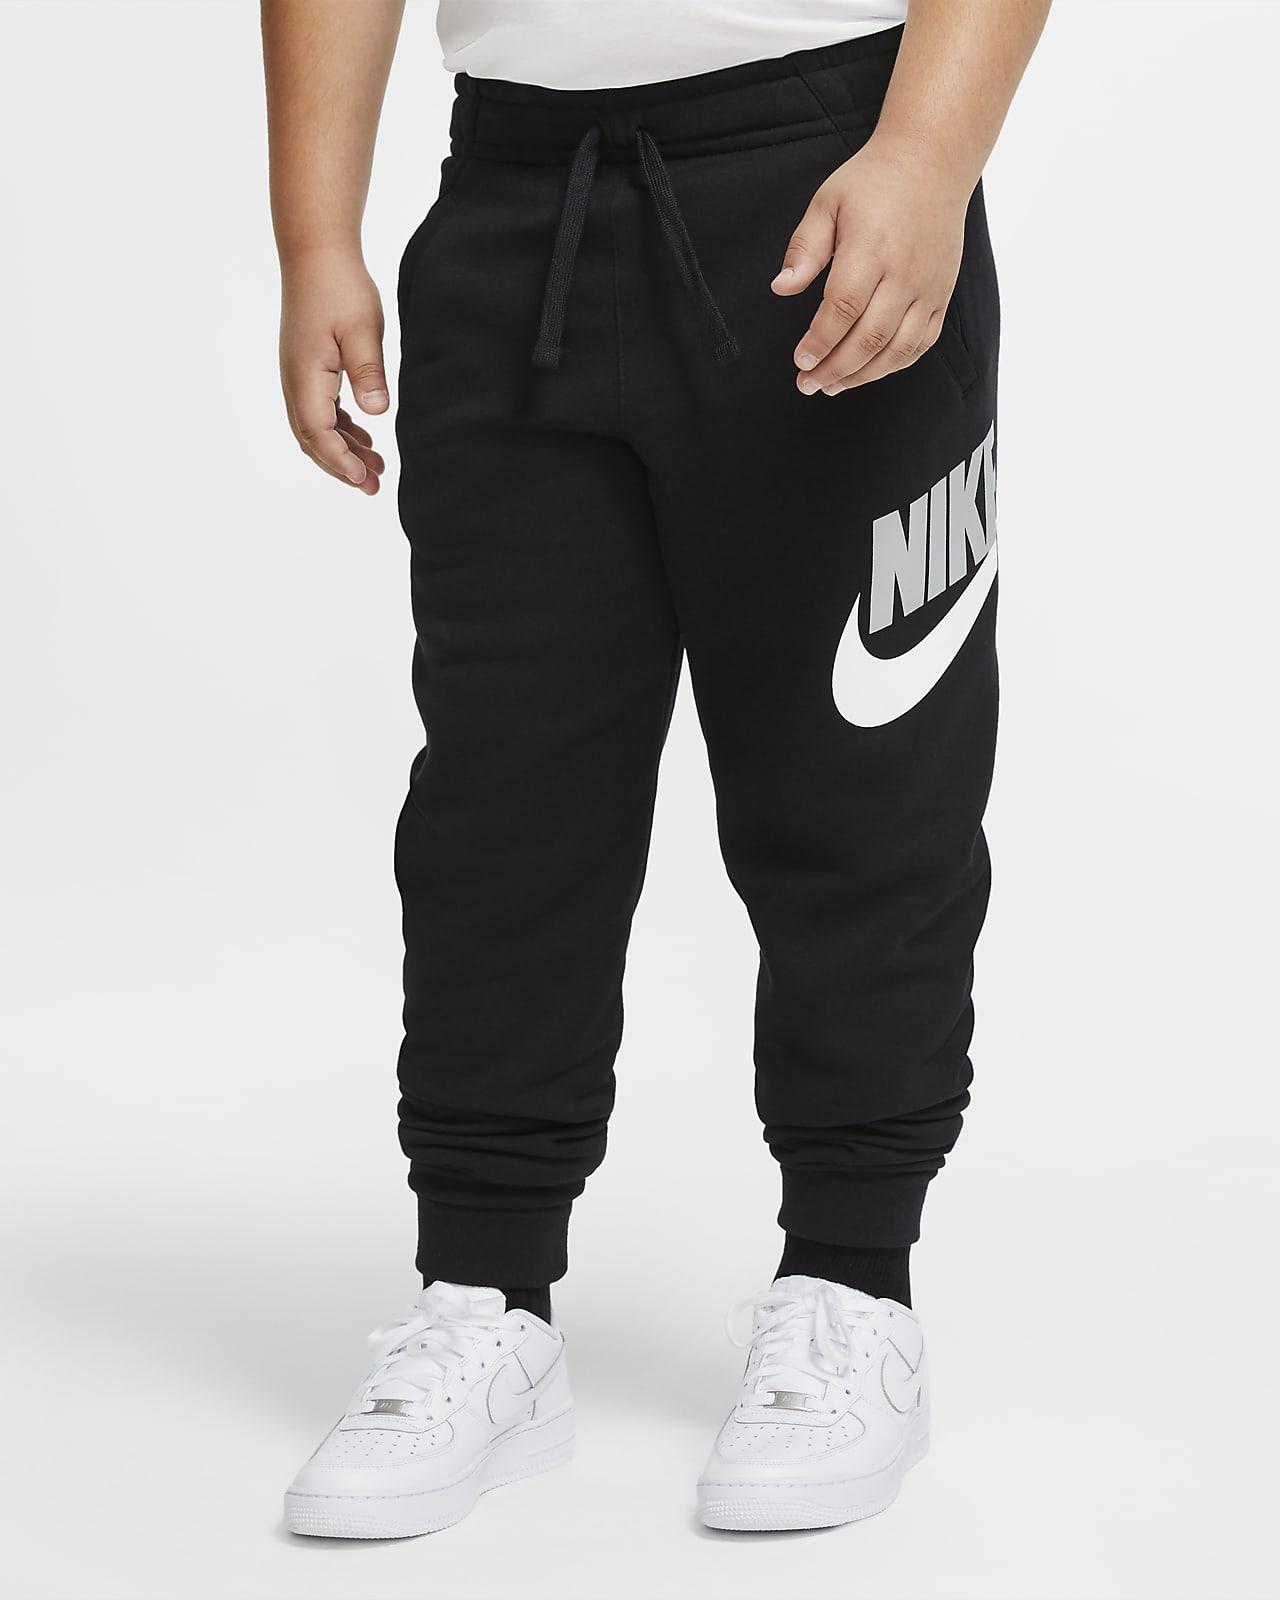 Nike Sportswear Club Fleece Pantalons (talles grans) - Nen